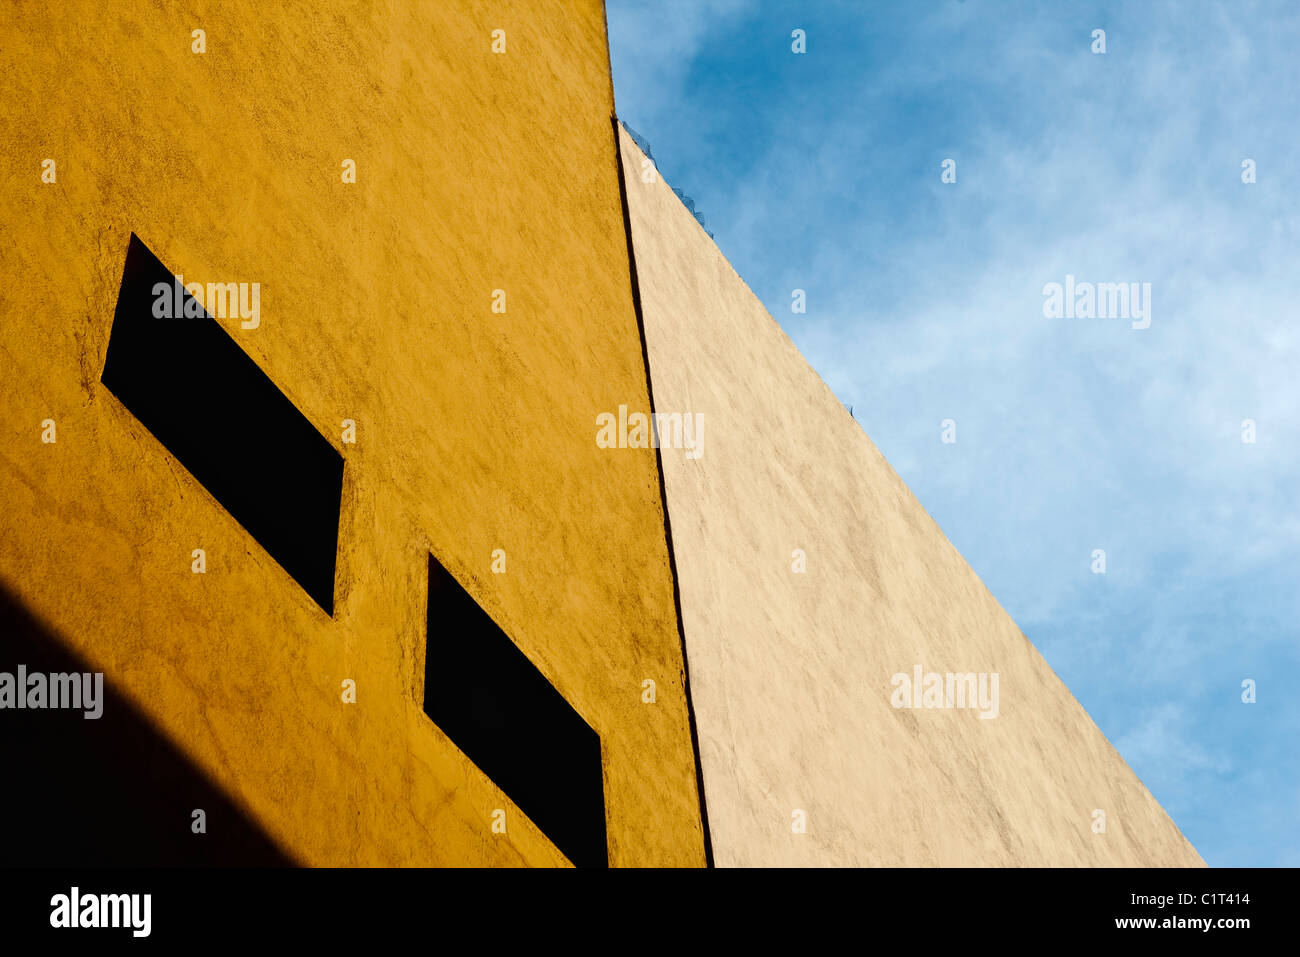 Construcción de la fachada, recortadas Imagen De Stock